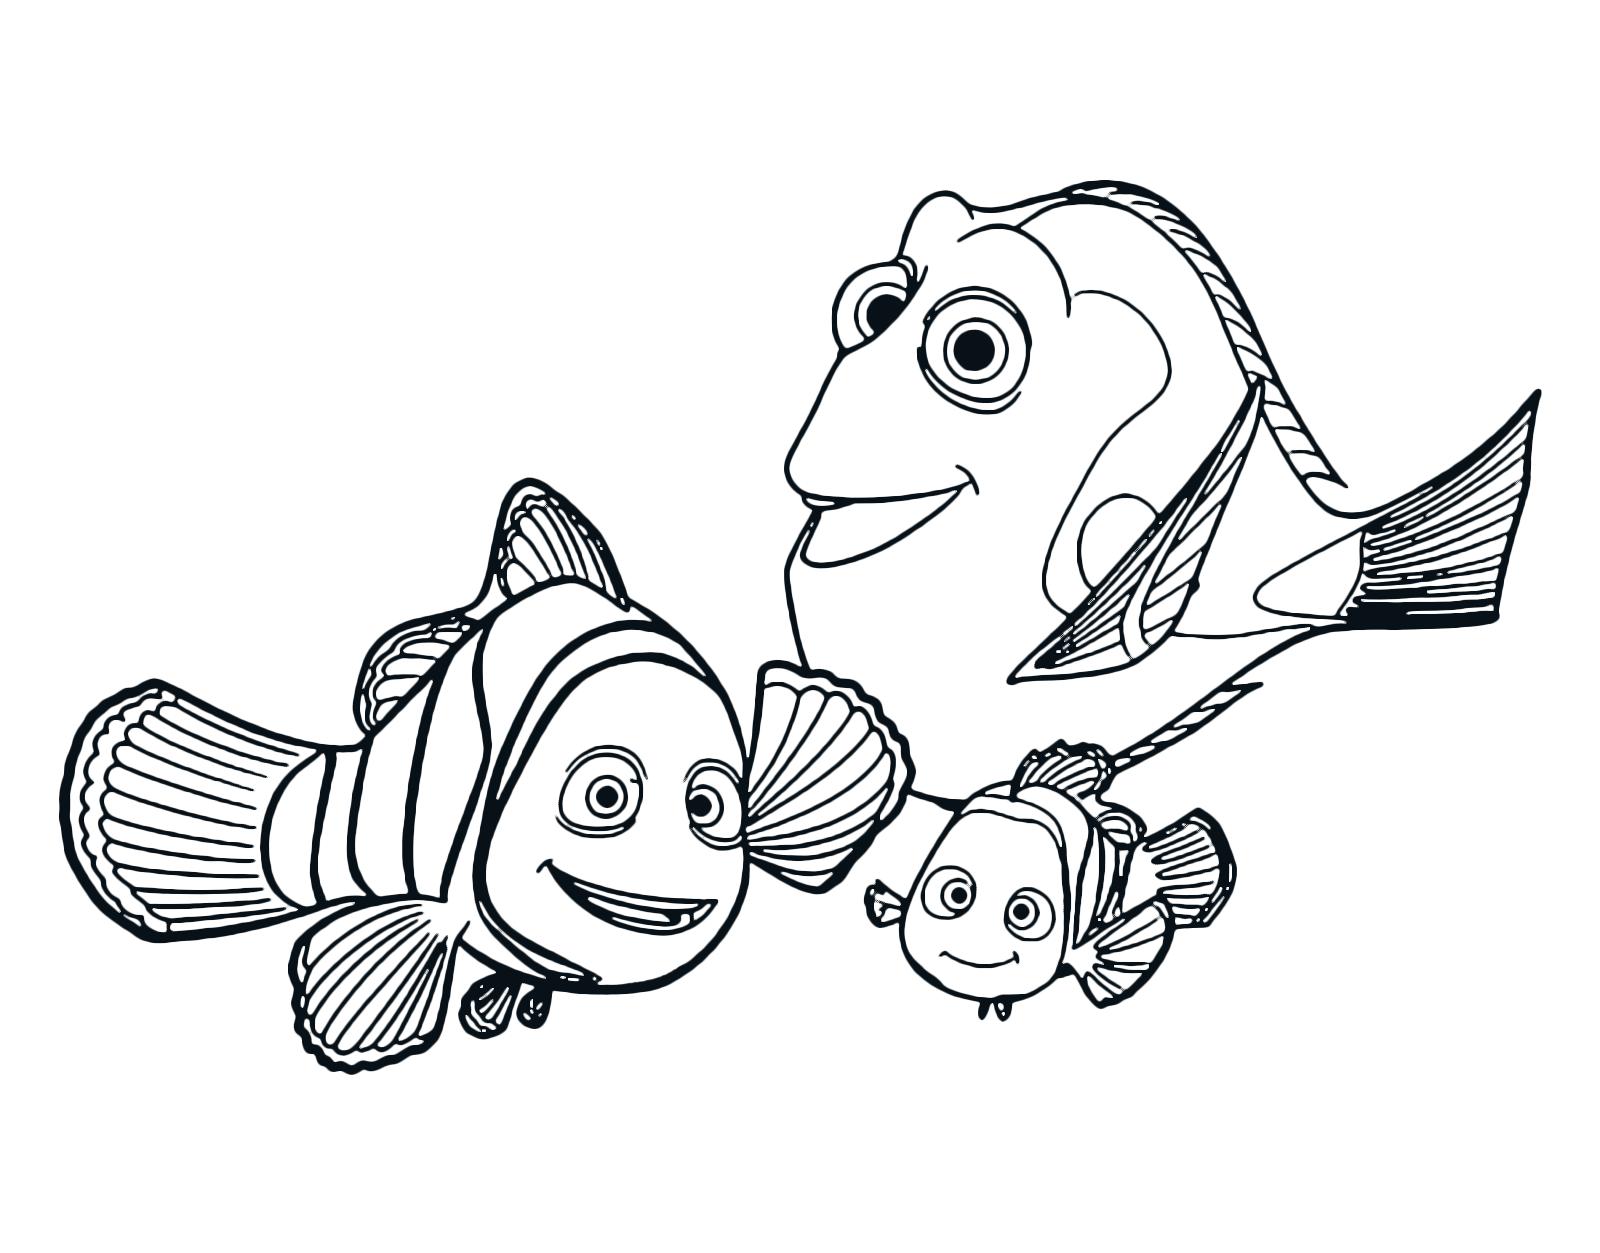 Alla ricerca di dory dory marlin e nemo felicemente insieme for Disegno pagliaccio da colorare